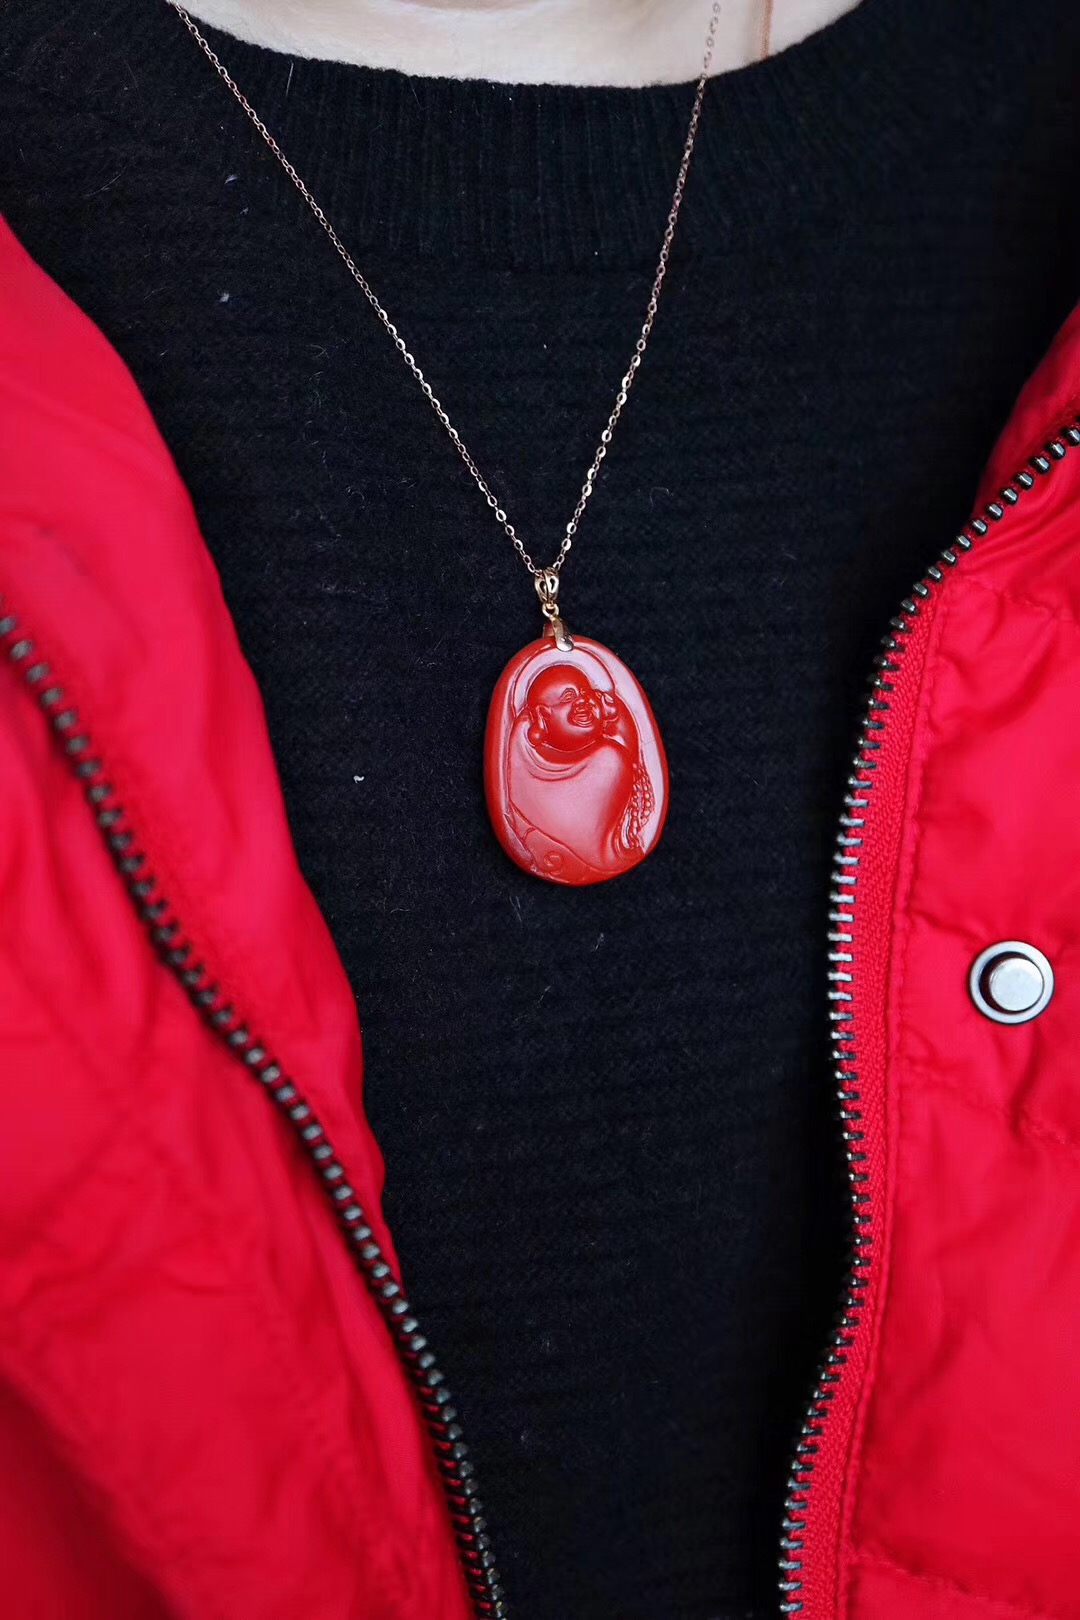 【菩心-极品保山南红&弥勒佛】收藏级锦红色保山南红弥勒佛,送妈咪和自留,都是极好的-菩心晶舍